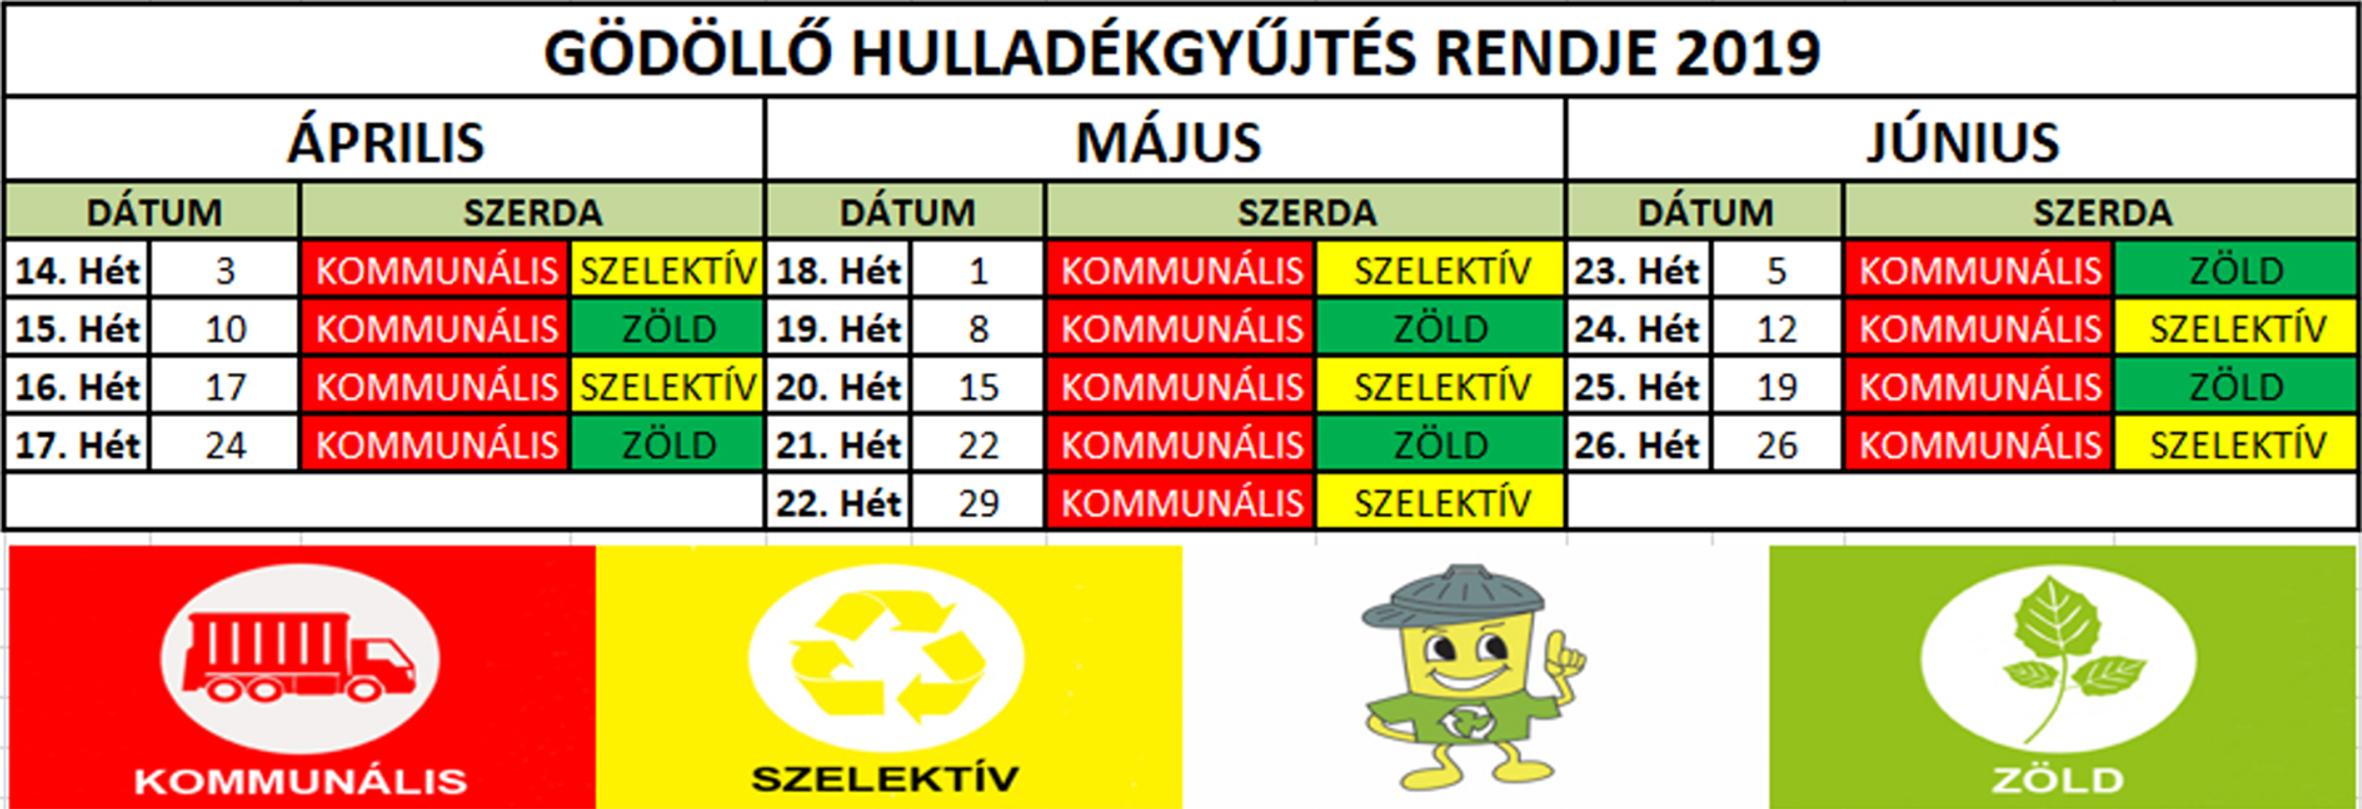 Április 1-jétől változik a szelektív és zöldhulladék gyűjtési rendje